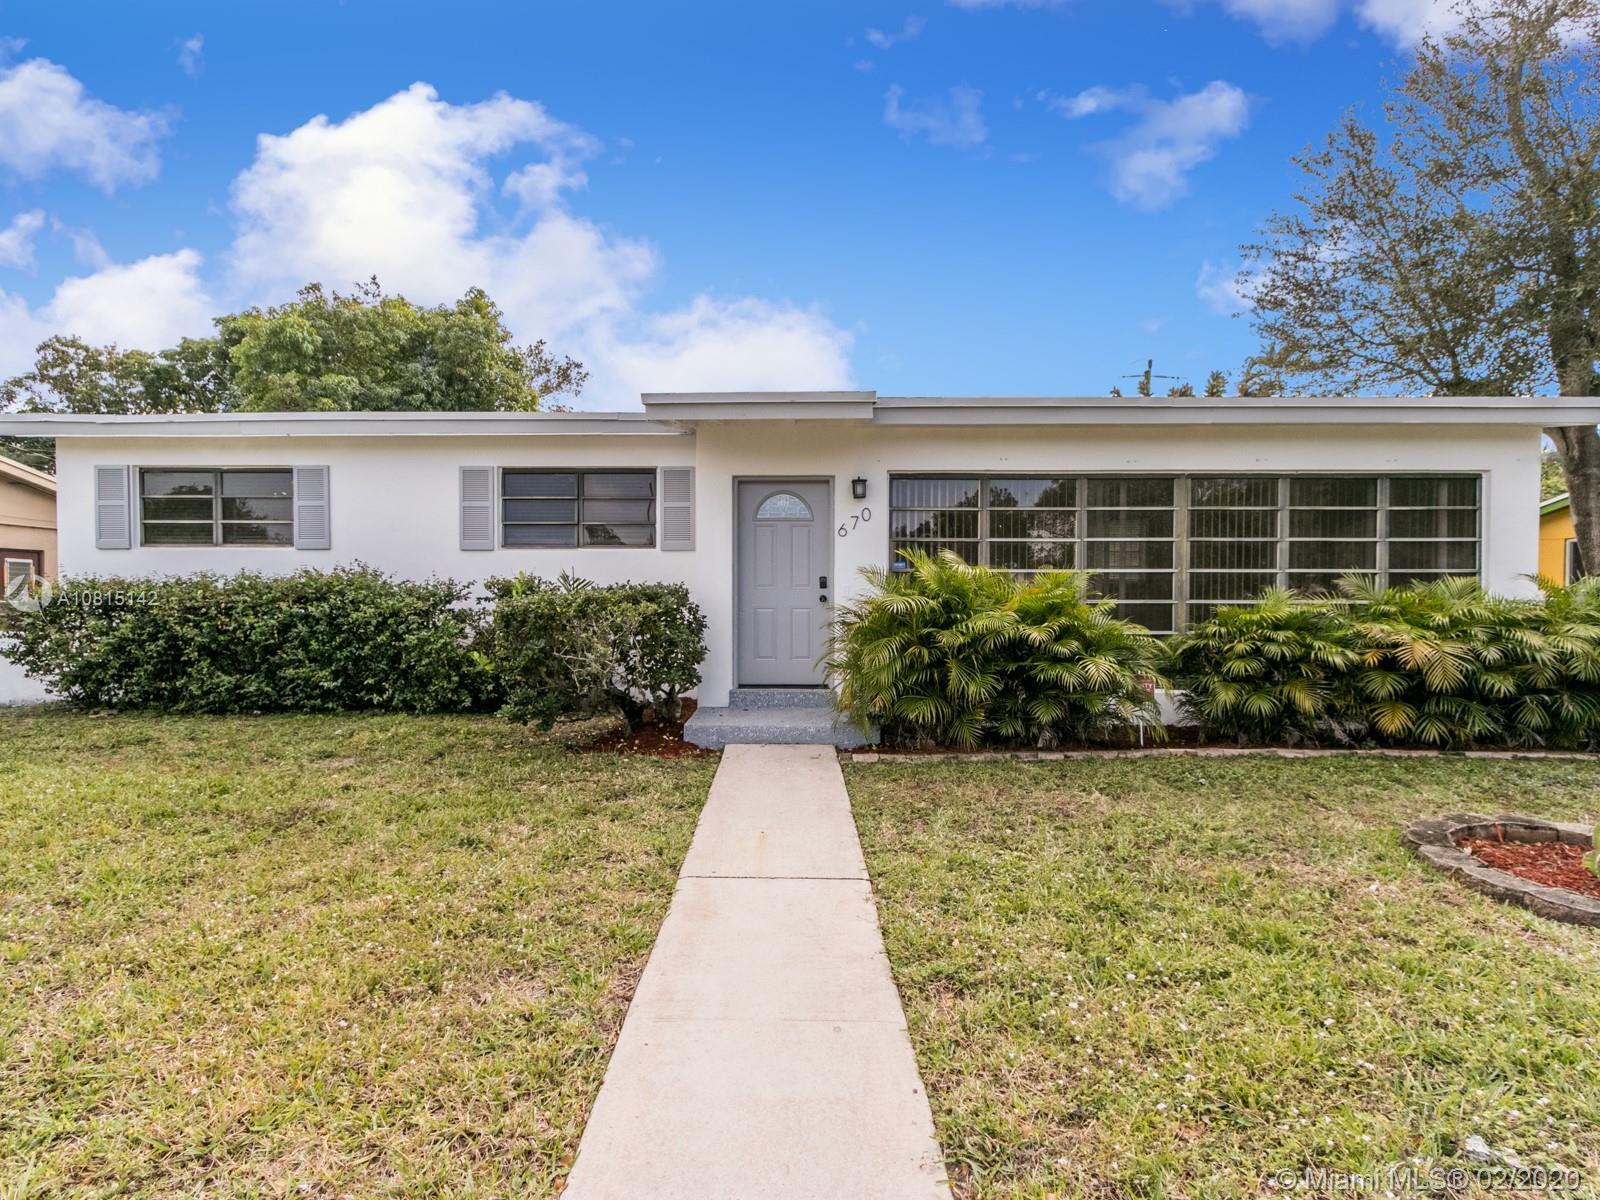 670 NE 178th St, Miami, FL 33162 - Miami, FL real estate listing